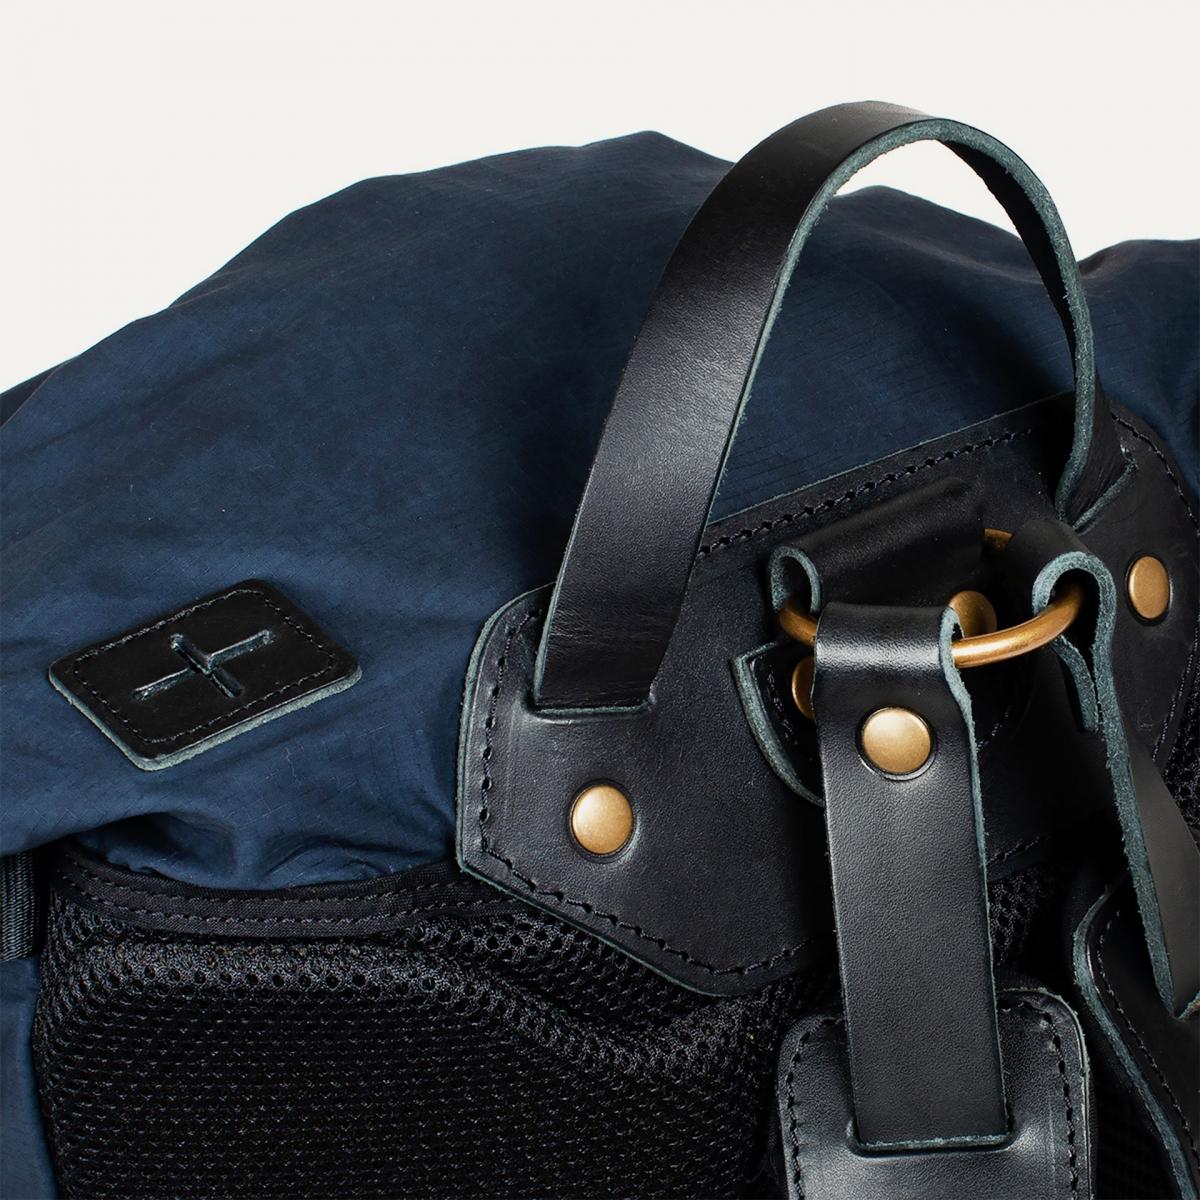 Sac à dos Basile 20L - Hague Blue (image n°4)